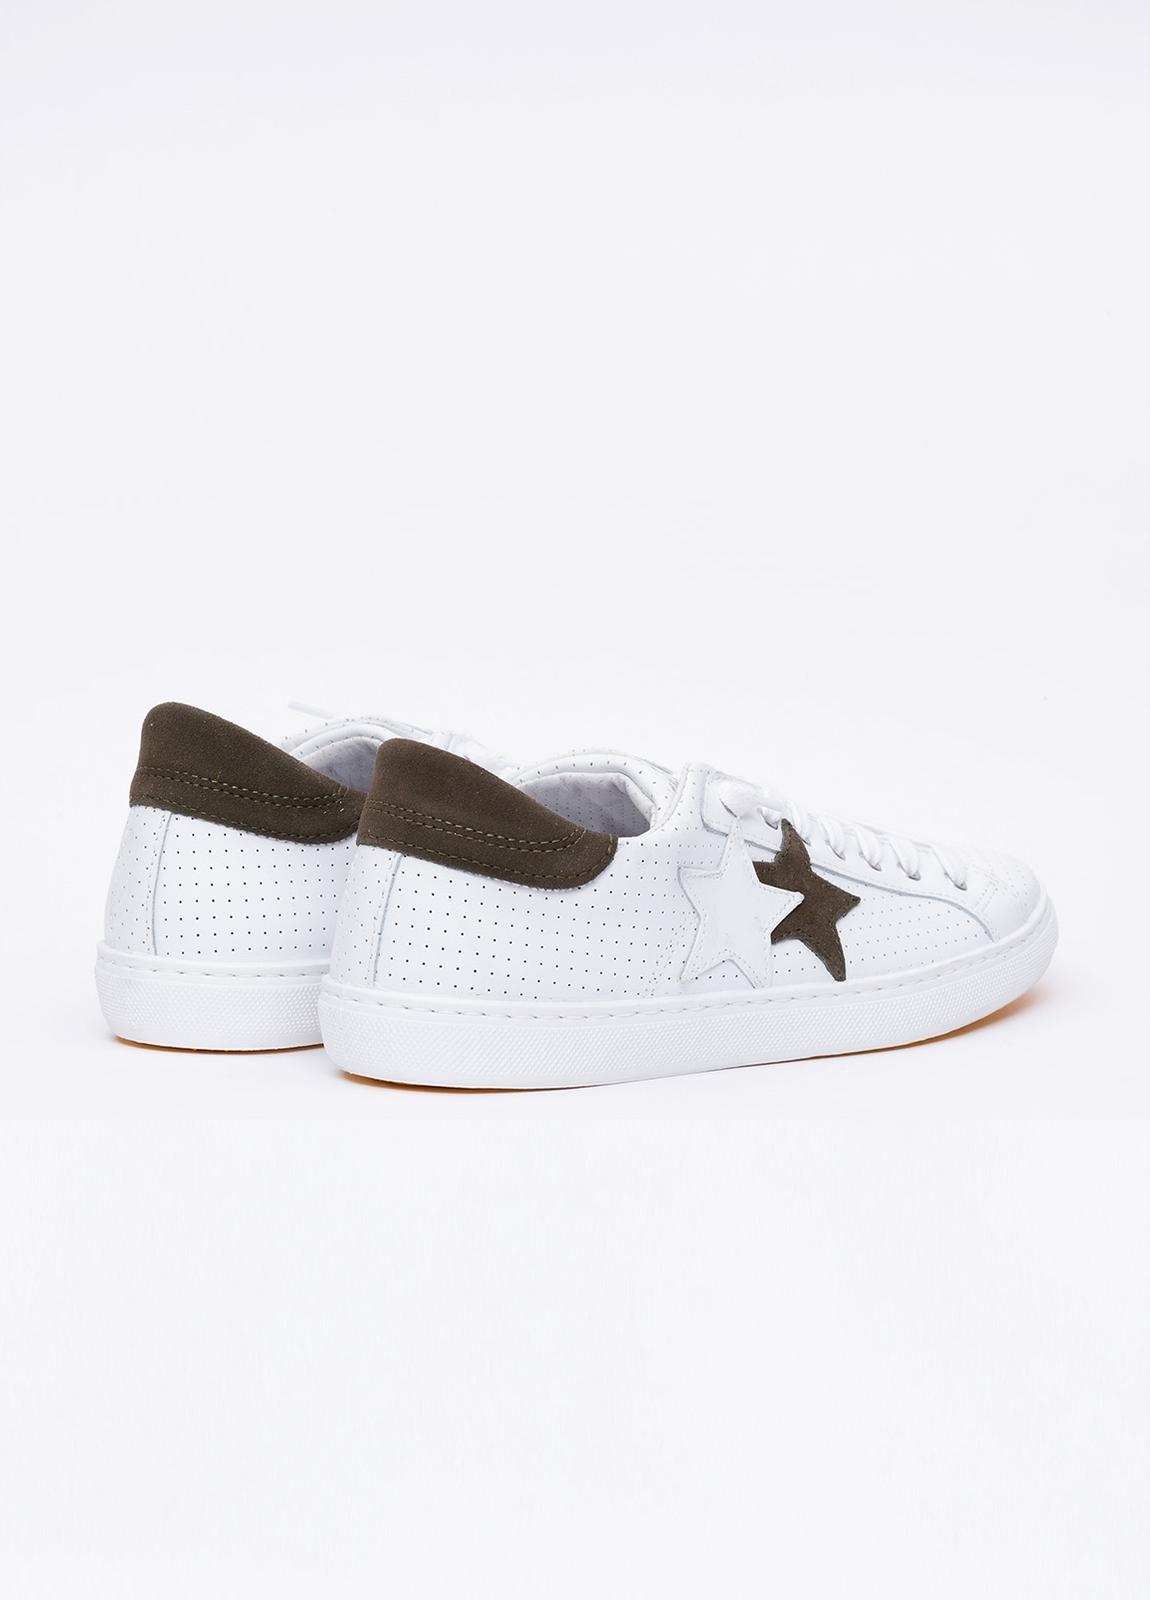 Calzado sport color blanco con detalles marrones. 100% Piel. - Ítem4